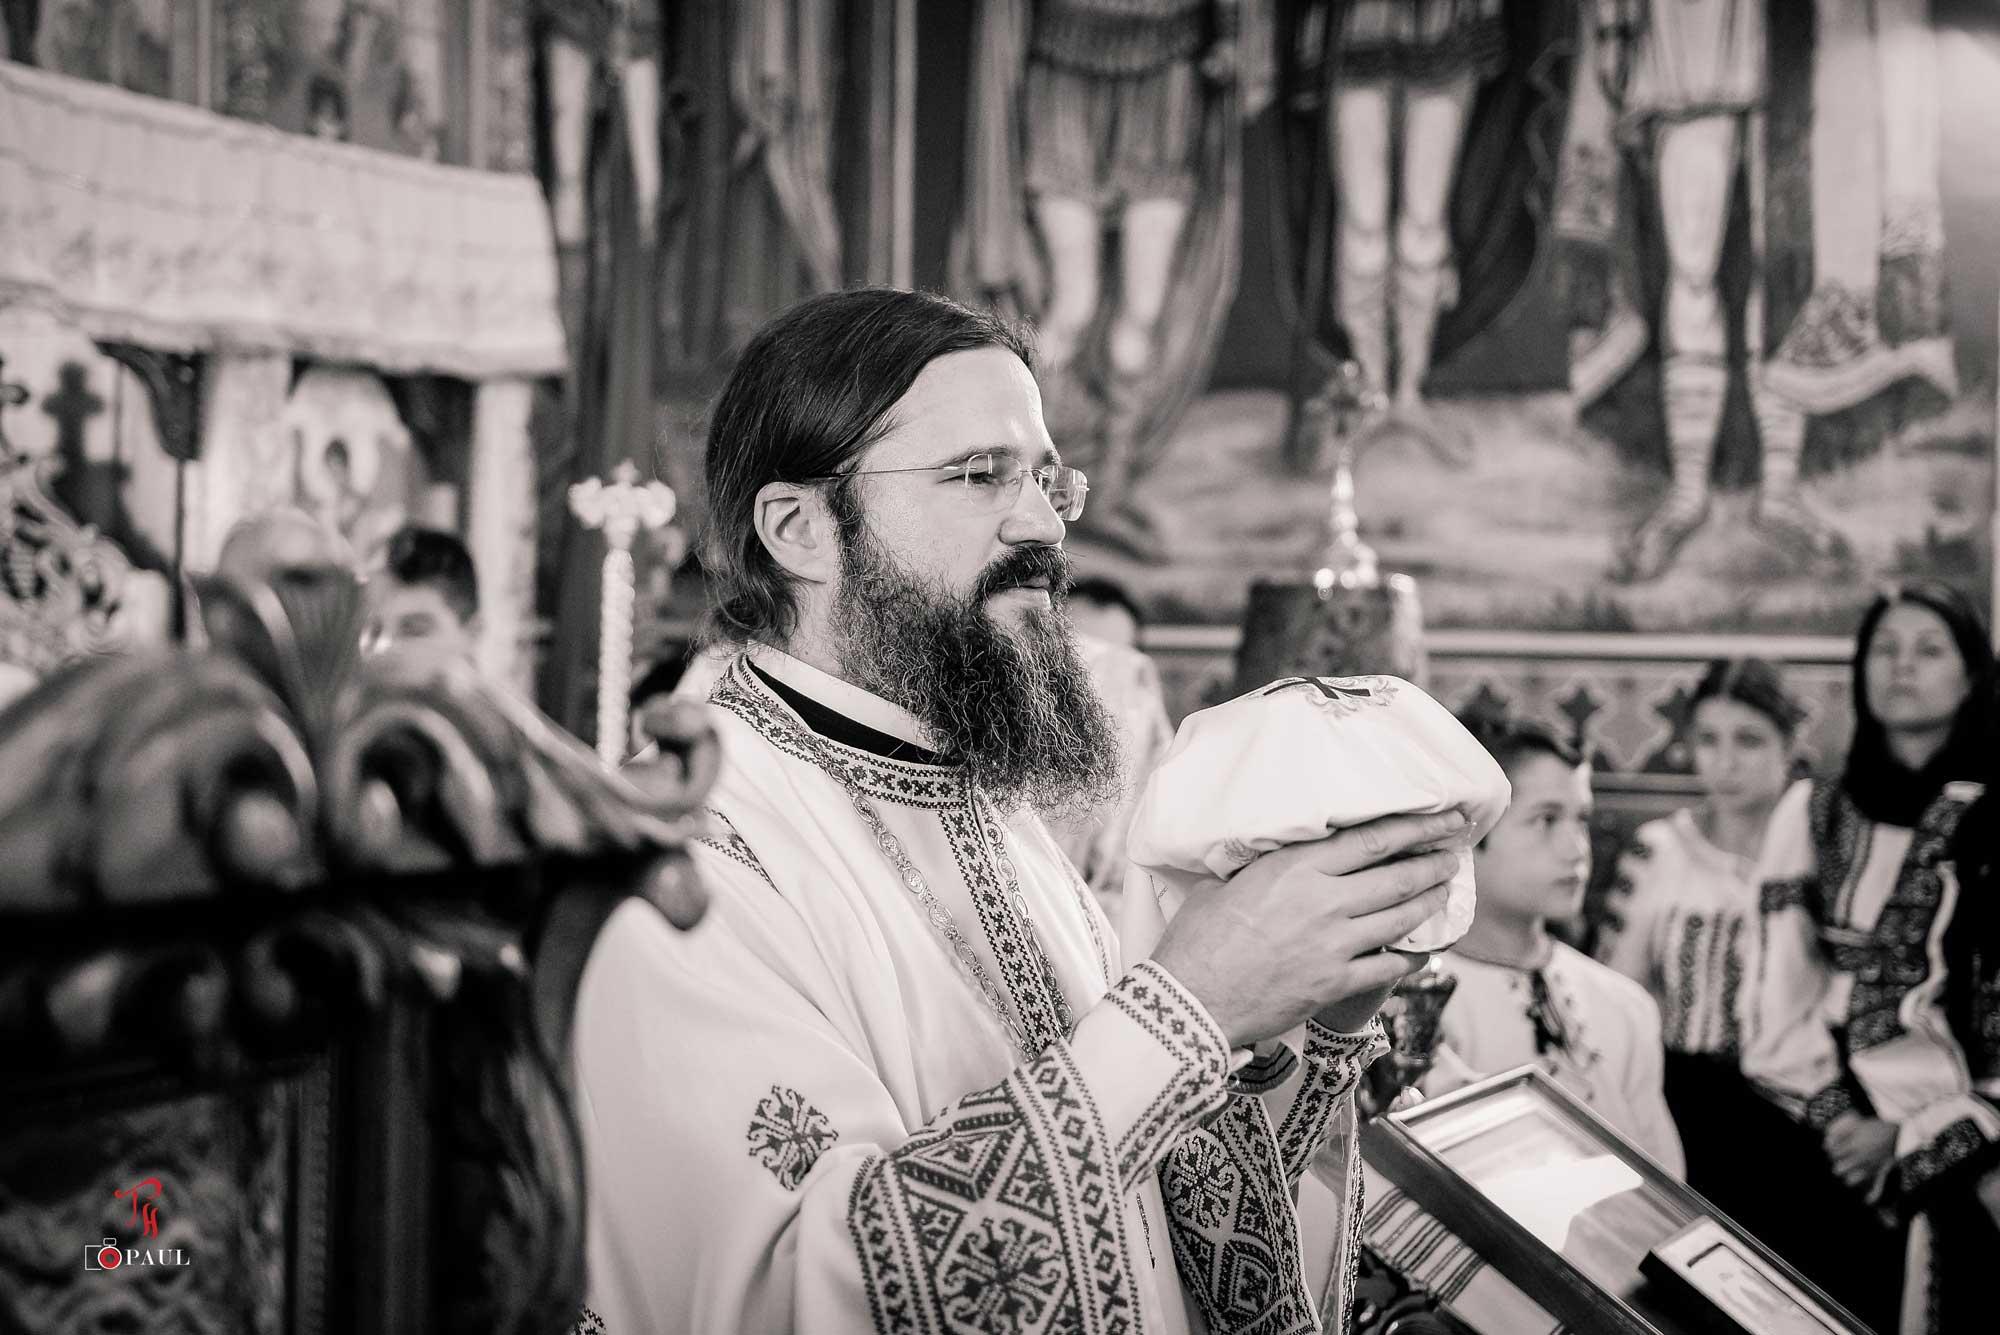 PILDA NUNȚII FIULUI DE ÎMPĂRAT &#8211; cuvântul PS MACARIE, Episcopul Europei de Nord: SUNTEM GATA DE NUNTĂ? NU NE PUTEM JUCA CU FOCUL, CU MÂNTUIREA! <i>&#8220;Să nu facem din îndelunga dragoste a lui Dumnezeu prilej de păcat pentru noi!&#8221;</i> (AUDIO, text)